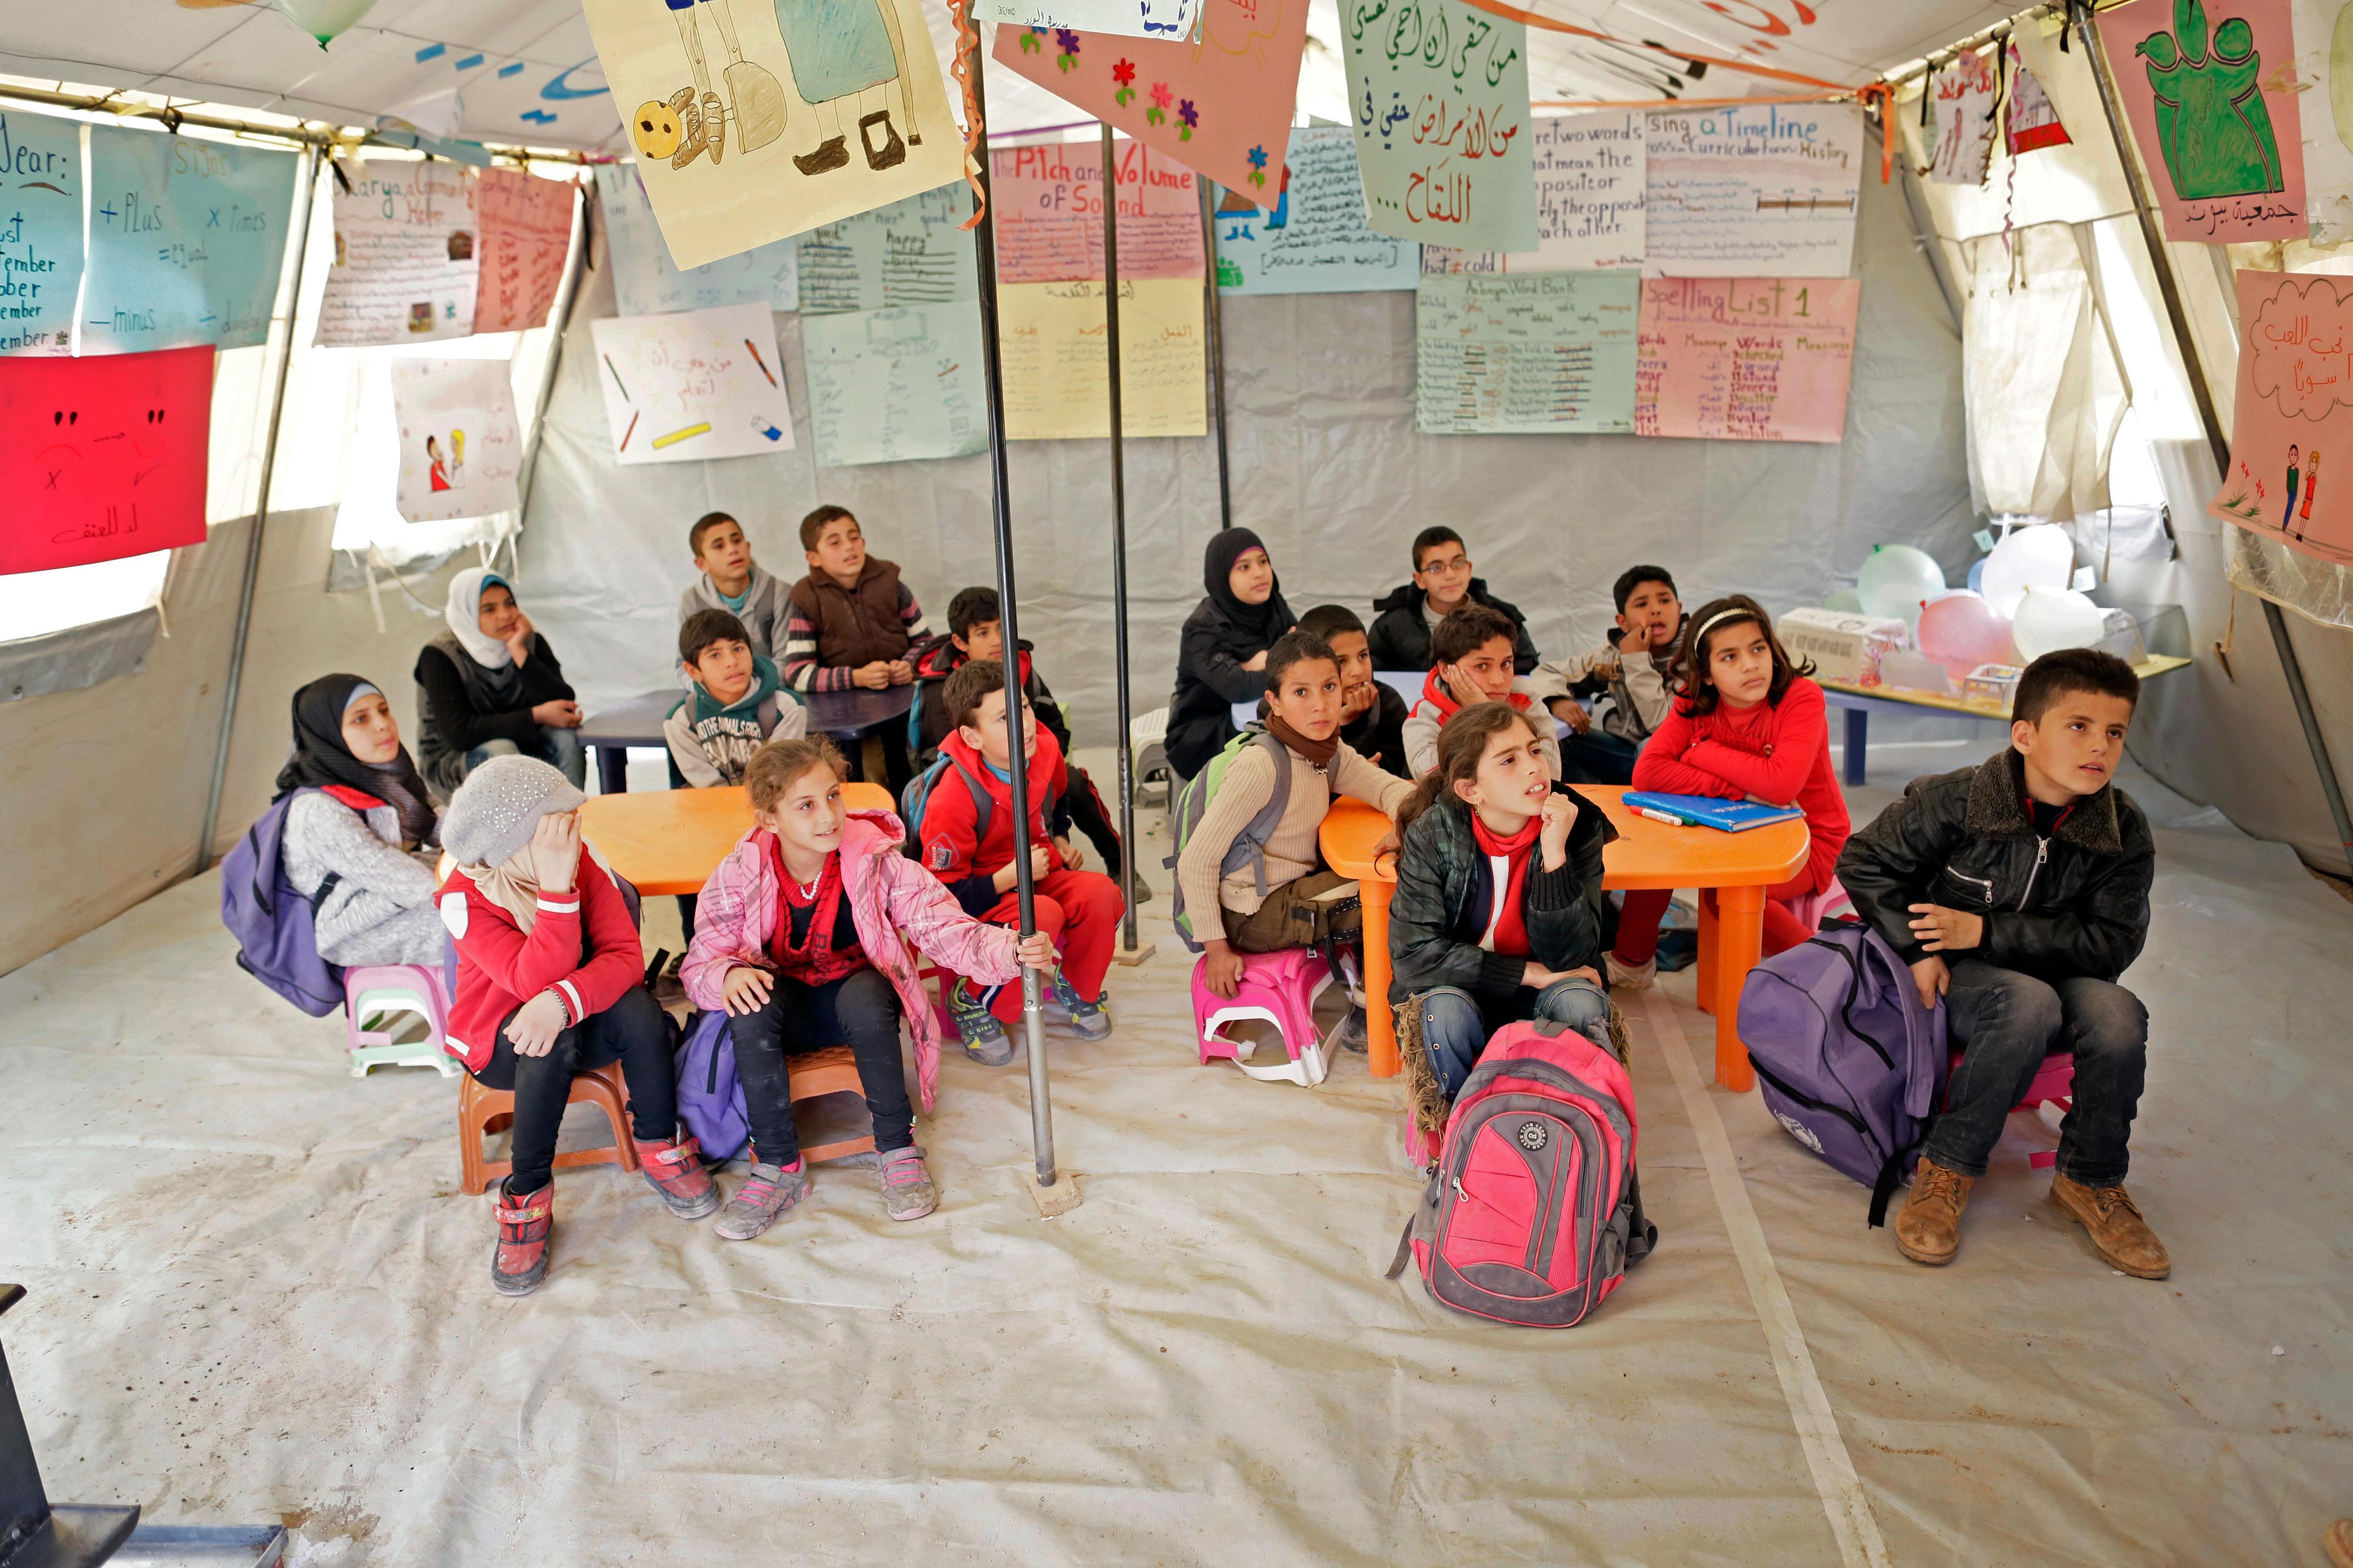 Flüchtlingskinder werden in einer Zeltsiedlung für syrische Flüchtlinge im Libanon unterrichtet.